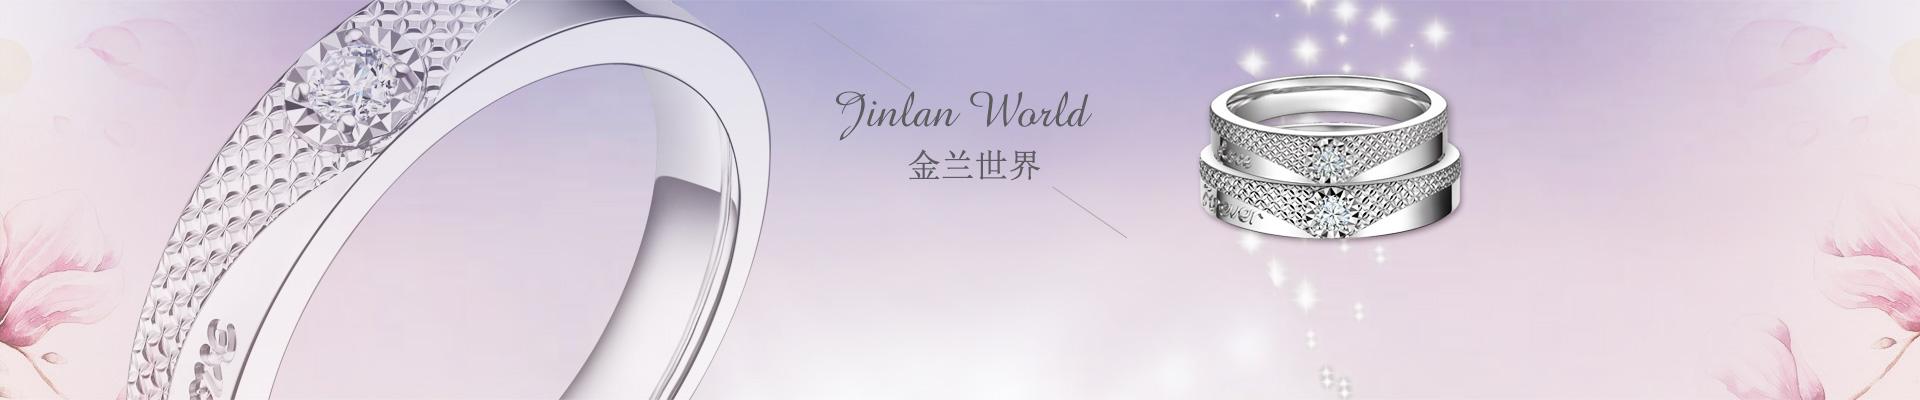 必威app世界-必威app手机下载精装版必威app集团